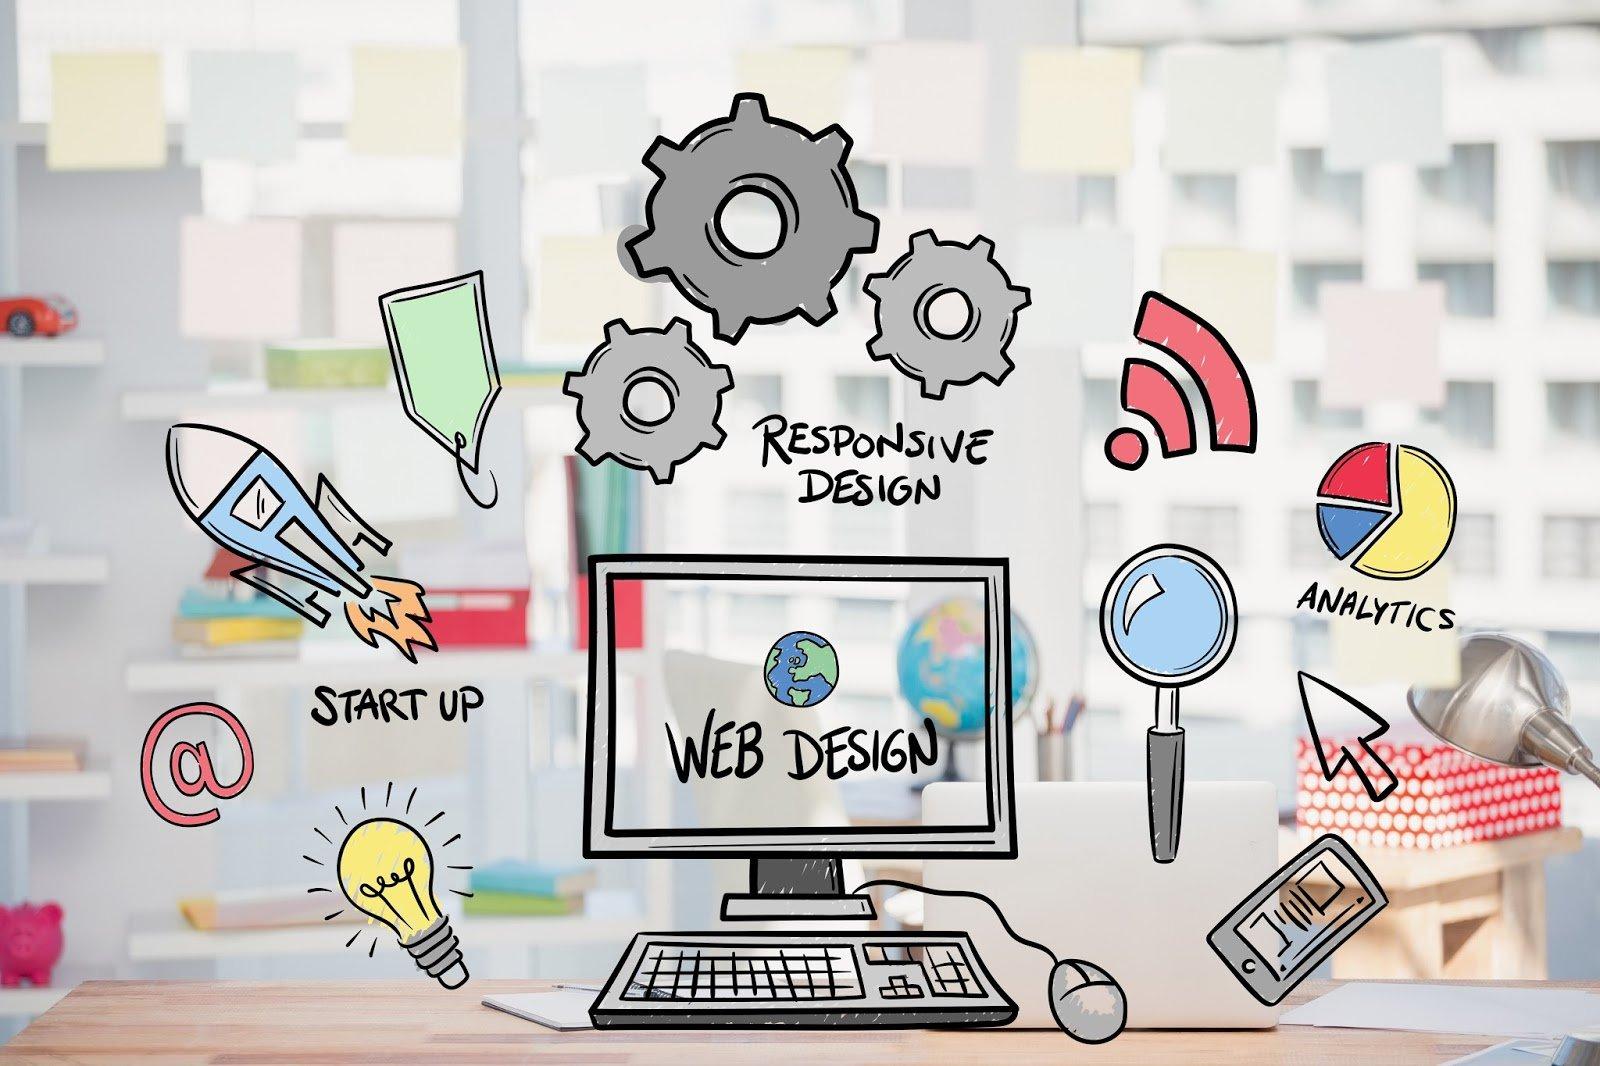 Продвижение и раскрутка сайта курсы создание сайта с нуля бесплатно лендинг